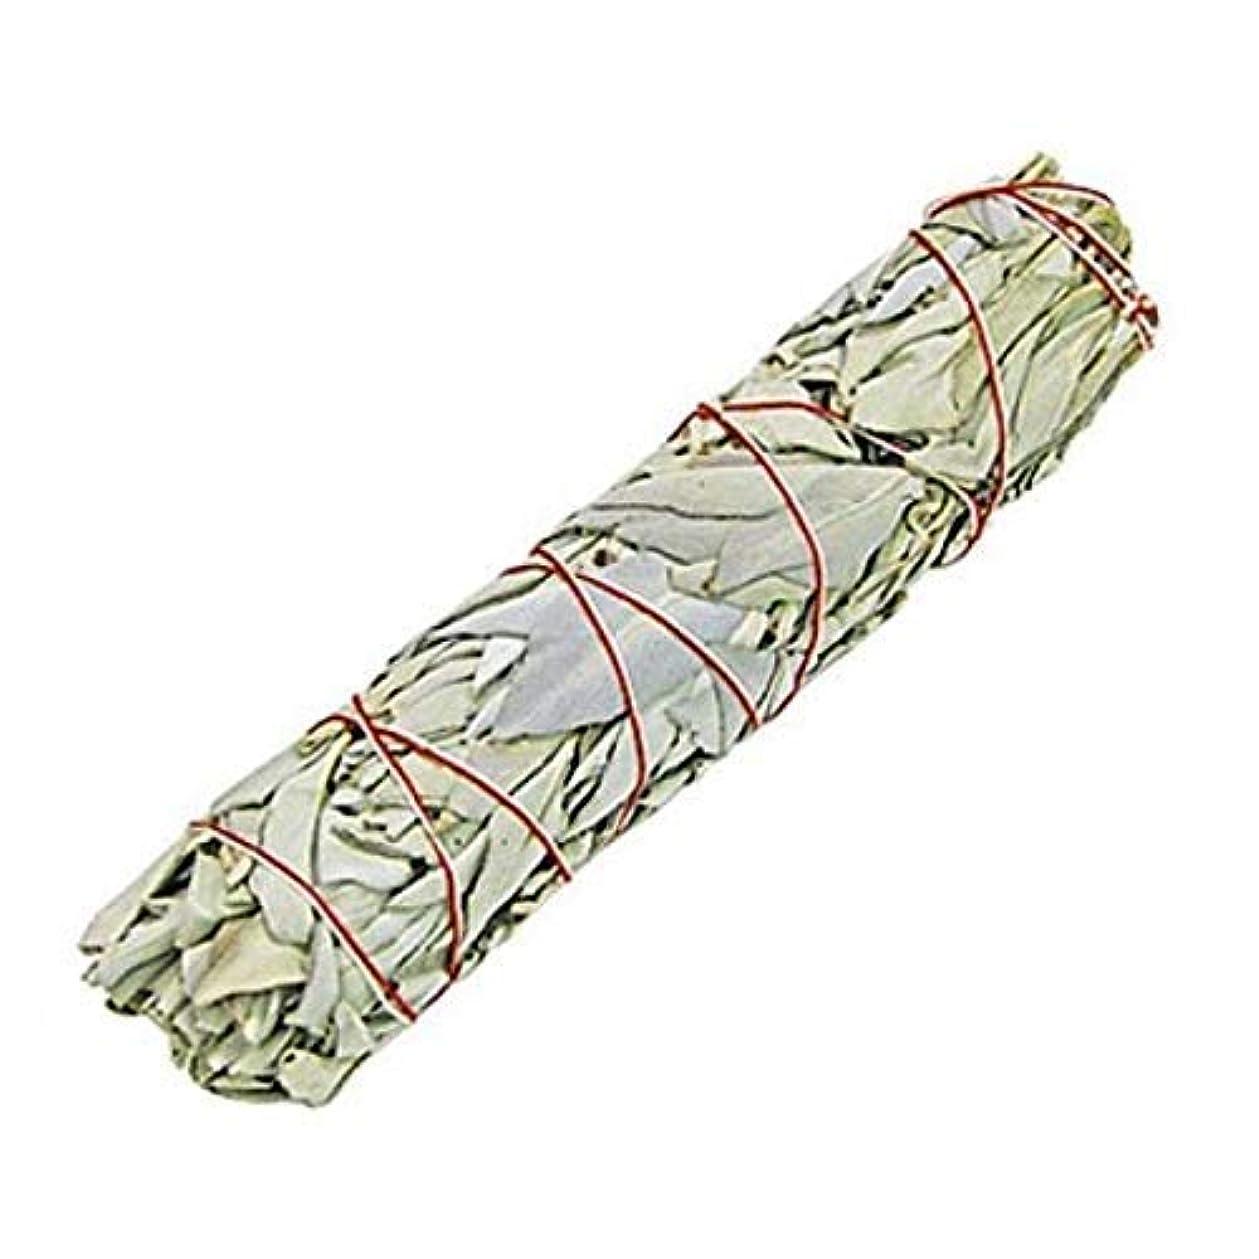 影響するやりがいのある光電Indian White Sage Smudge Sticks, 6 Inch Long, Home Cleansing, Blessing, Manifesting, 1 Sticks (100 Grams)